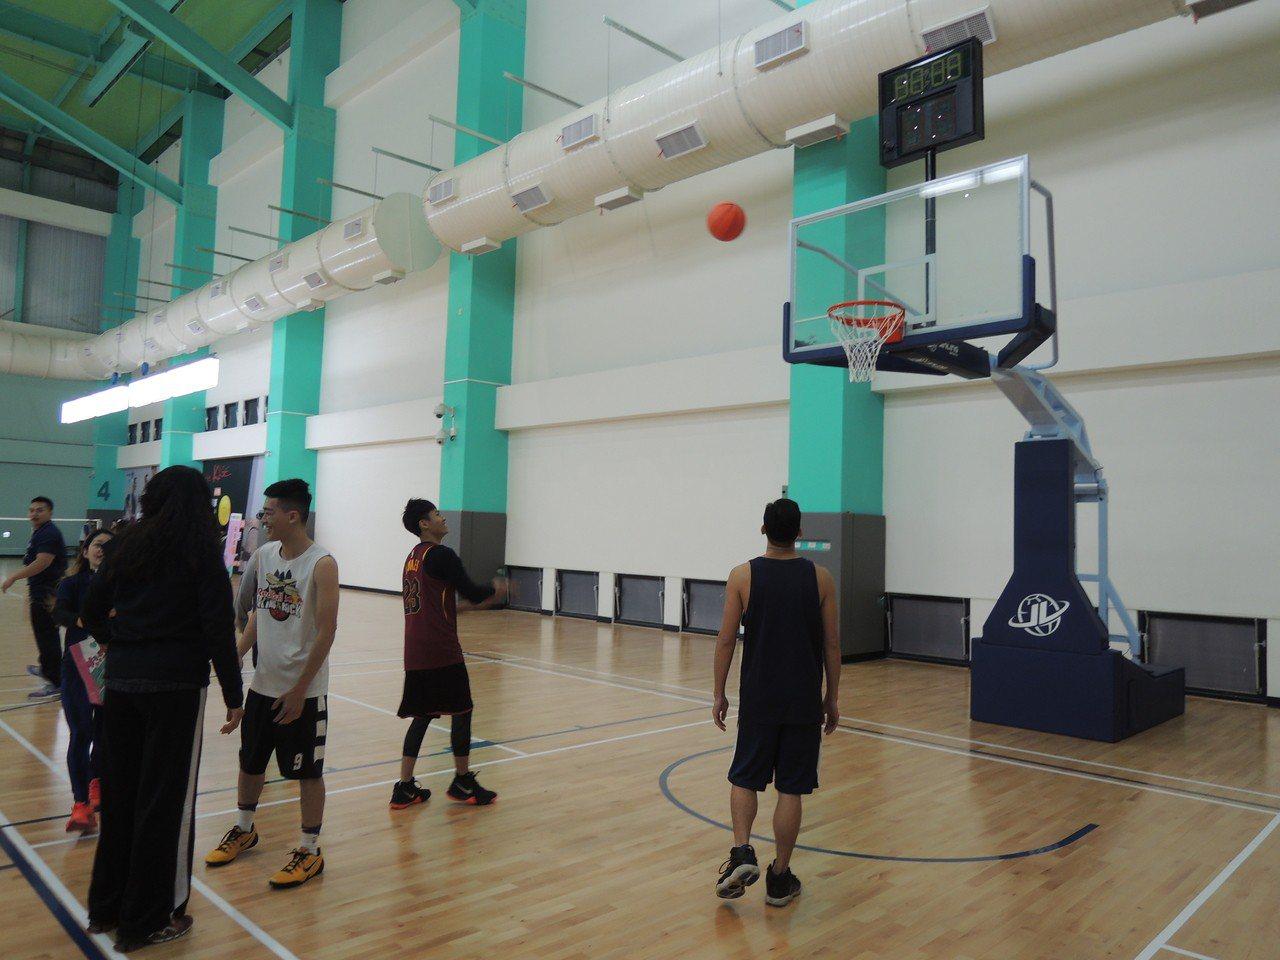 「竹光國民運動中心」提供有室內籃球場。記者郭宣彣/攝影